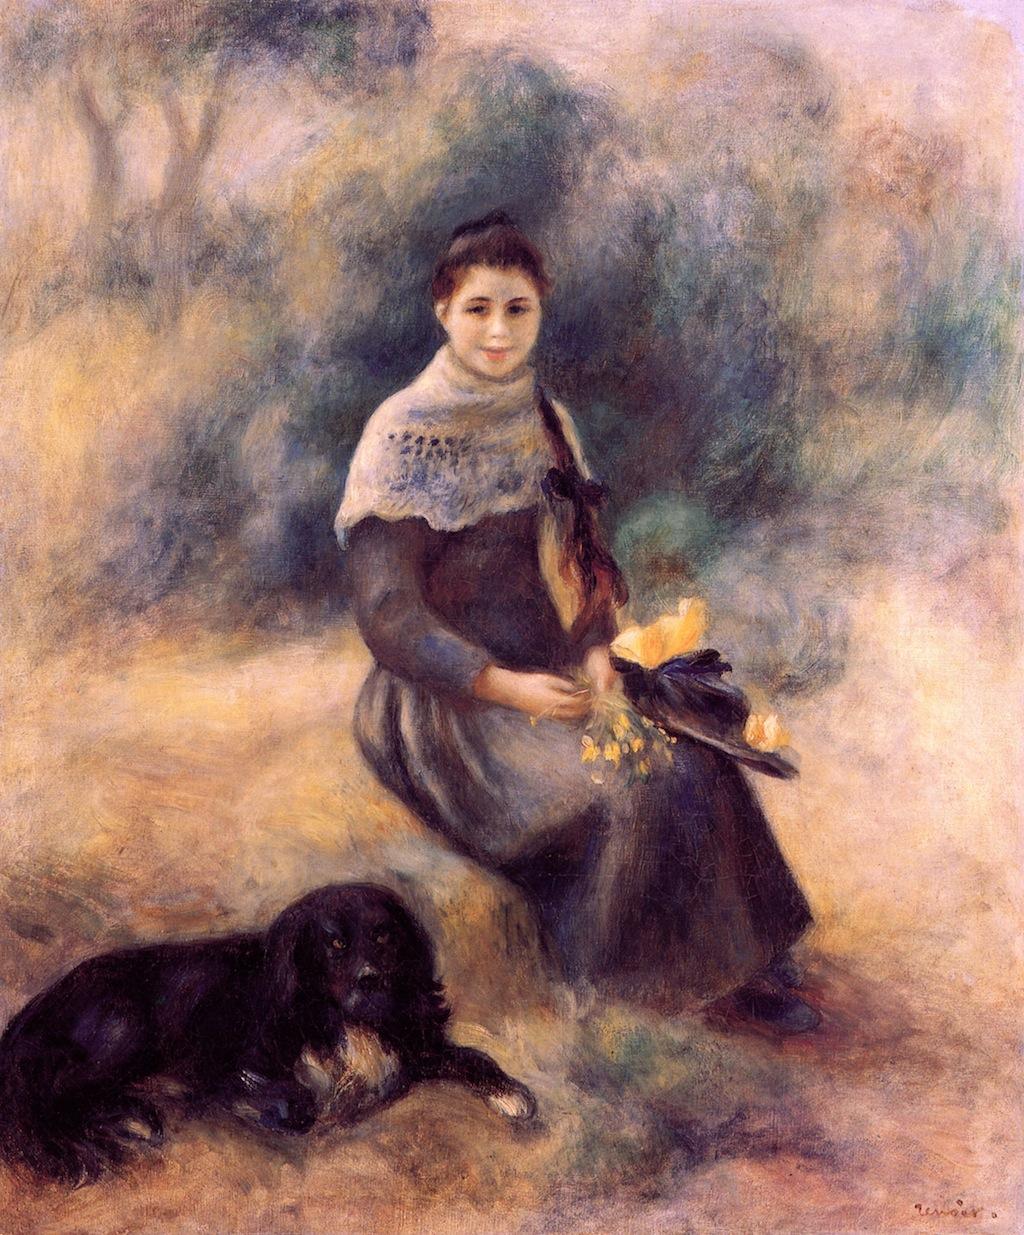 Νεαρό κορίτσι με το σκύλο της - Pierre Auguste Renoir - 1888